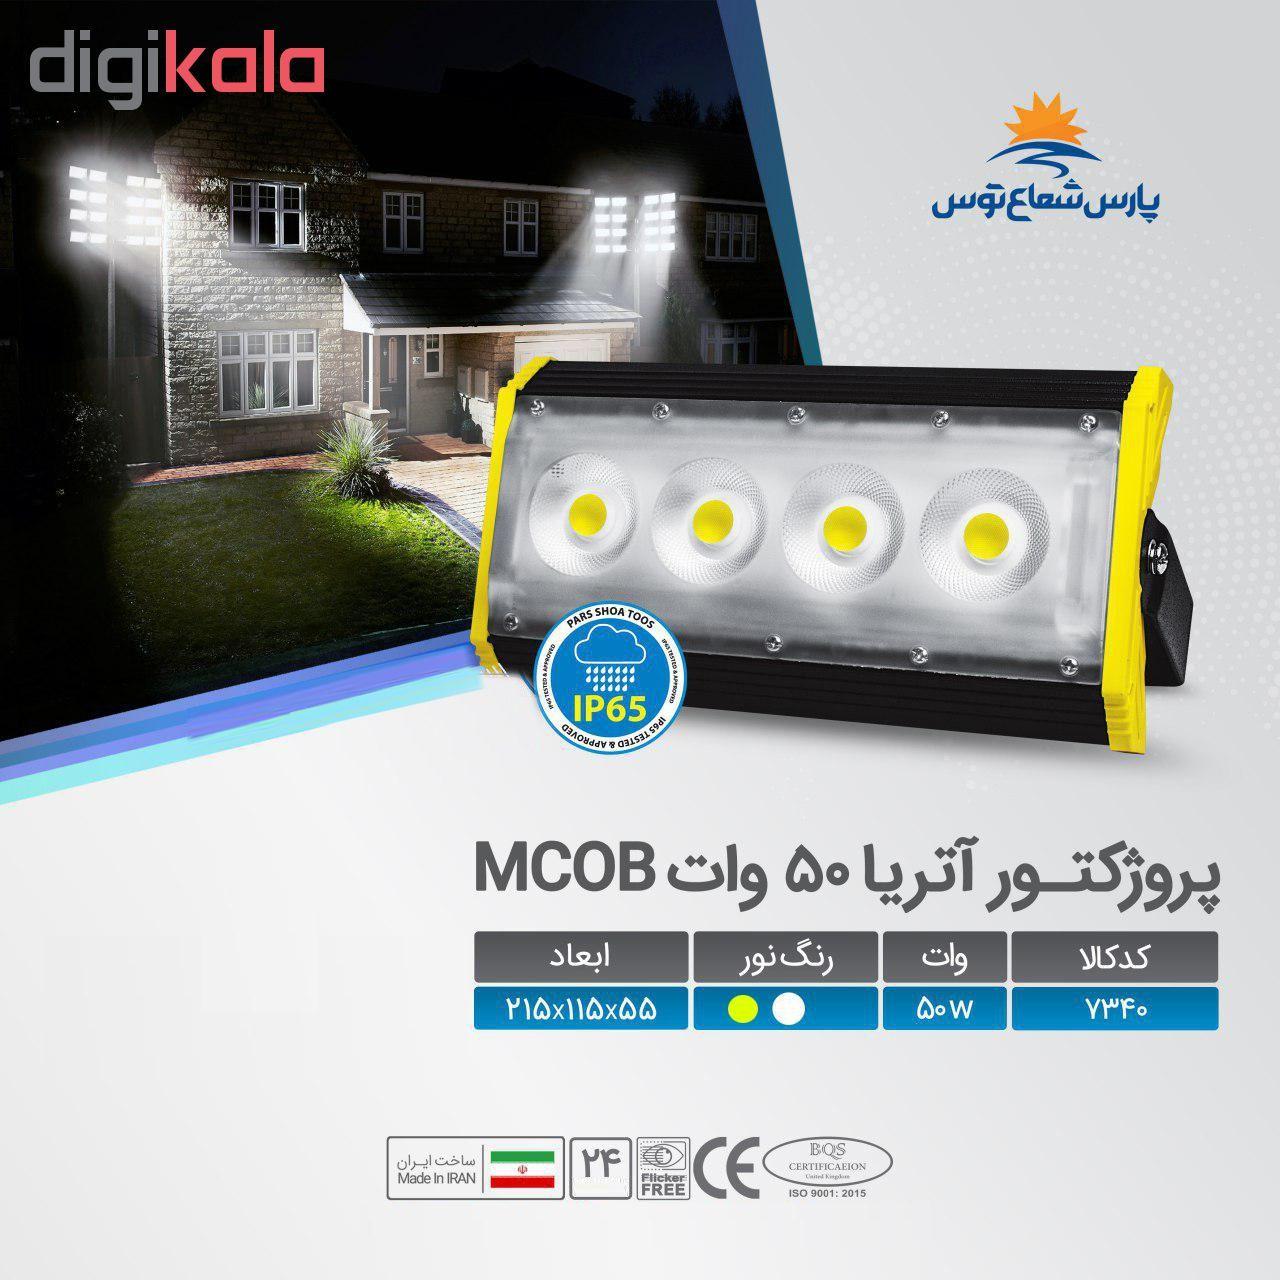 پروژکتور 50 وات پارس شعاع توس مدل ATRIA MCOB main 1 7